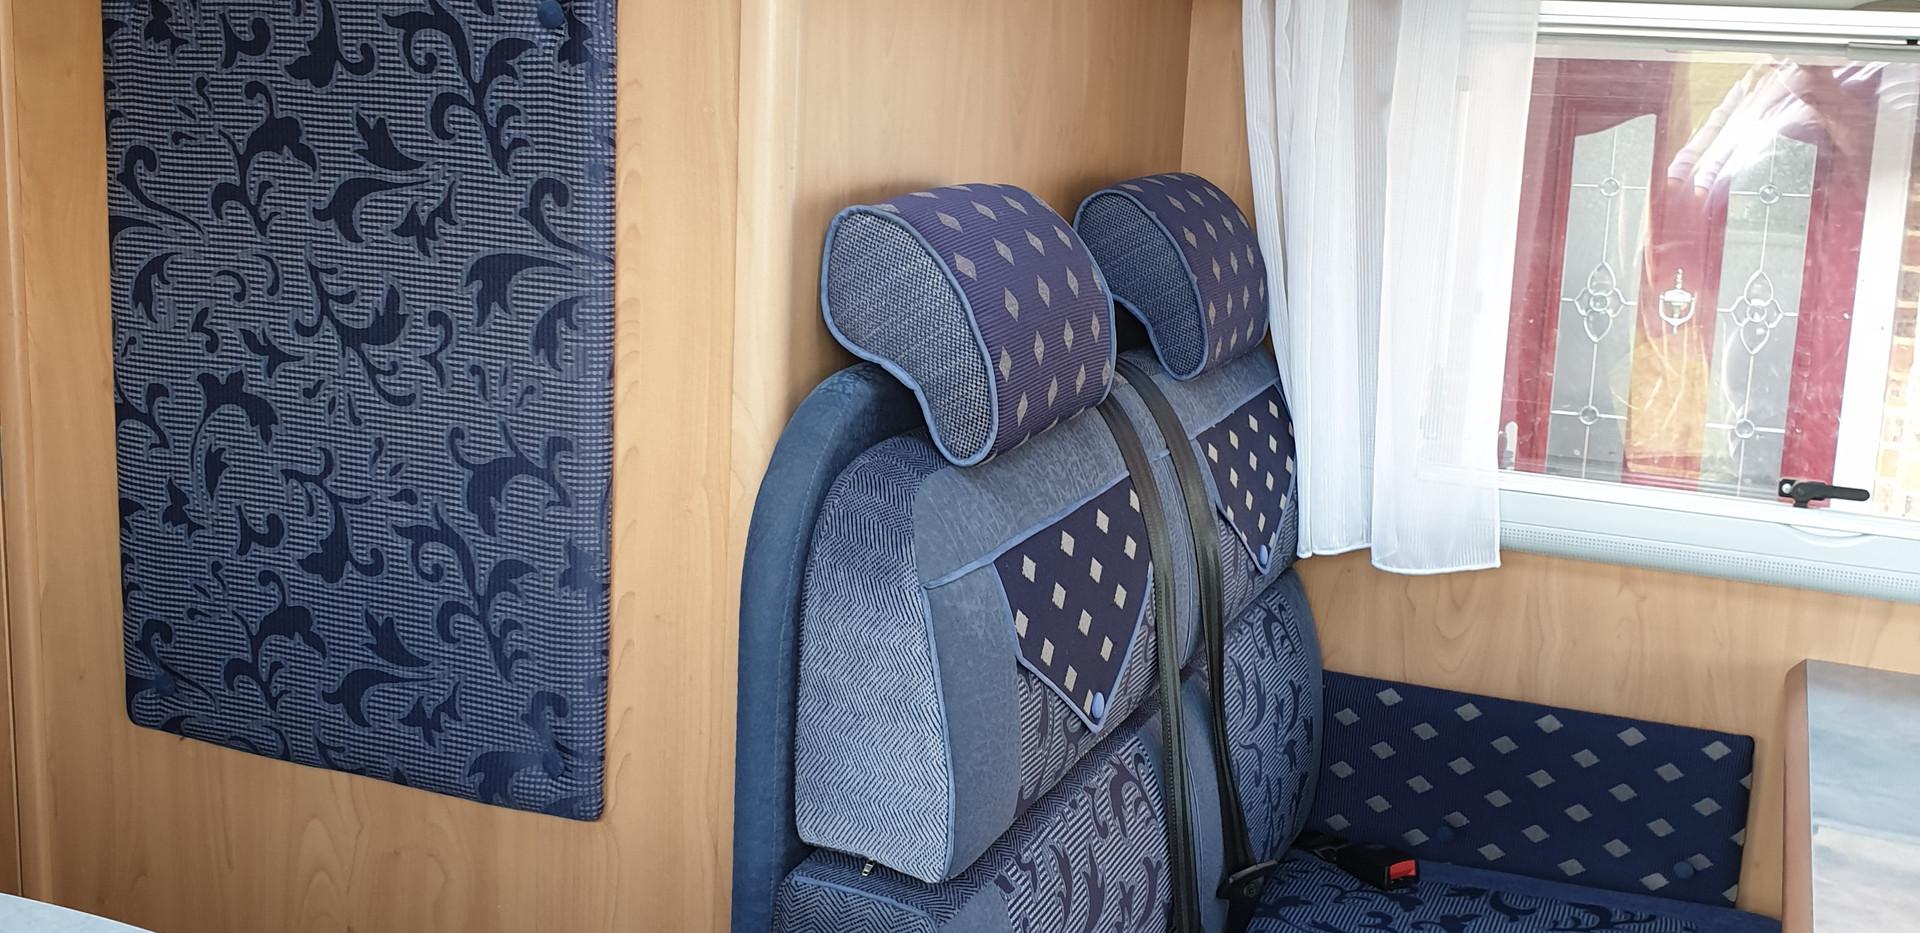 Passenger seating